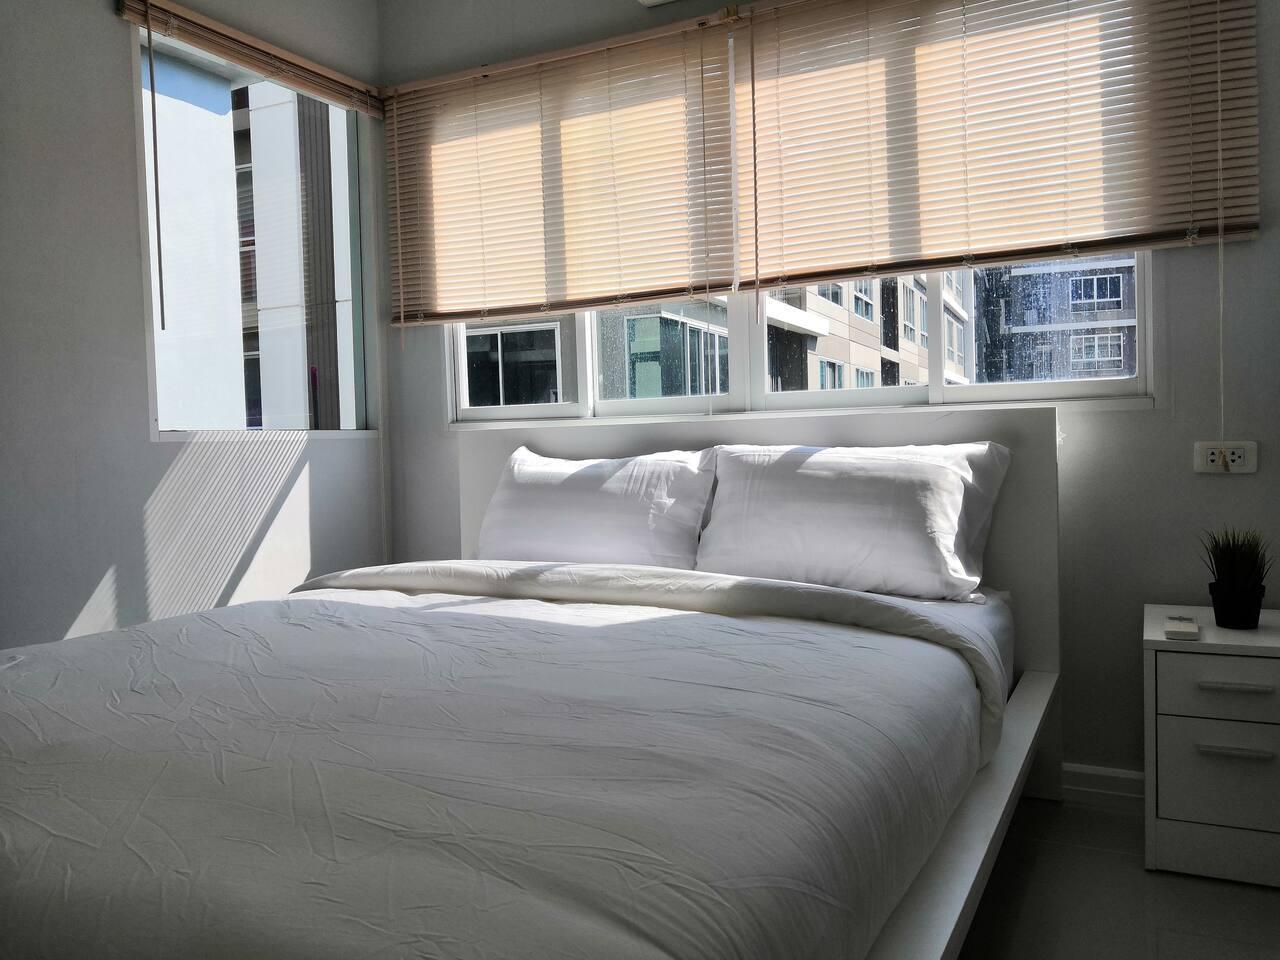 Kensington At Bearing 12, 1 Bedroom อพาร์ตเมนต์ 1 ห้องนอน 1 ห้องน้ำส่วนตัว ขนาด 30 ตร.ม. – บางนา